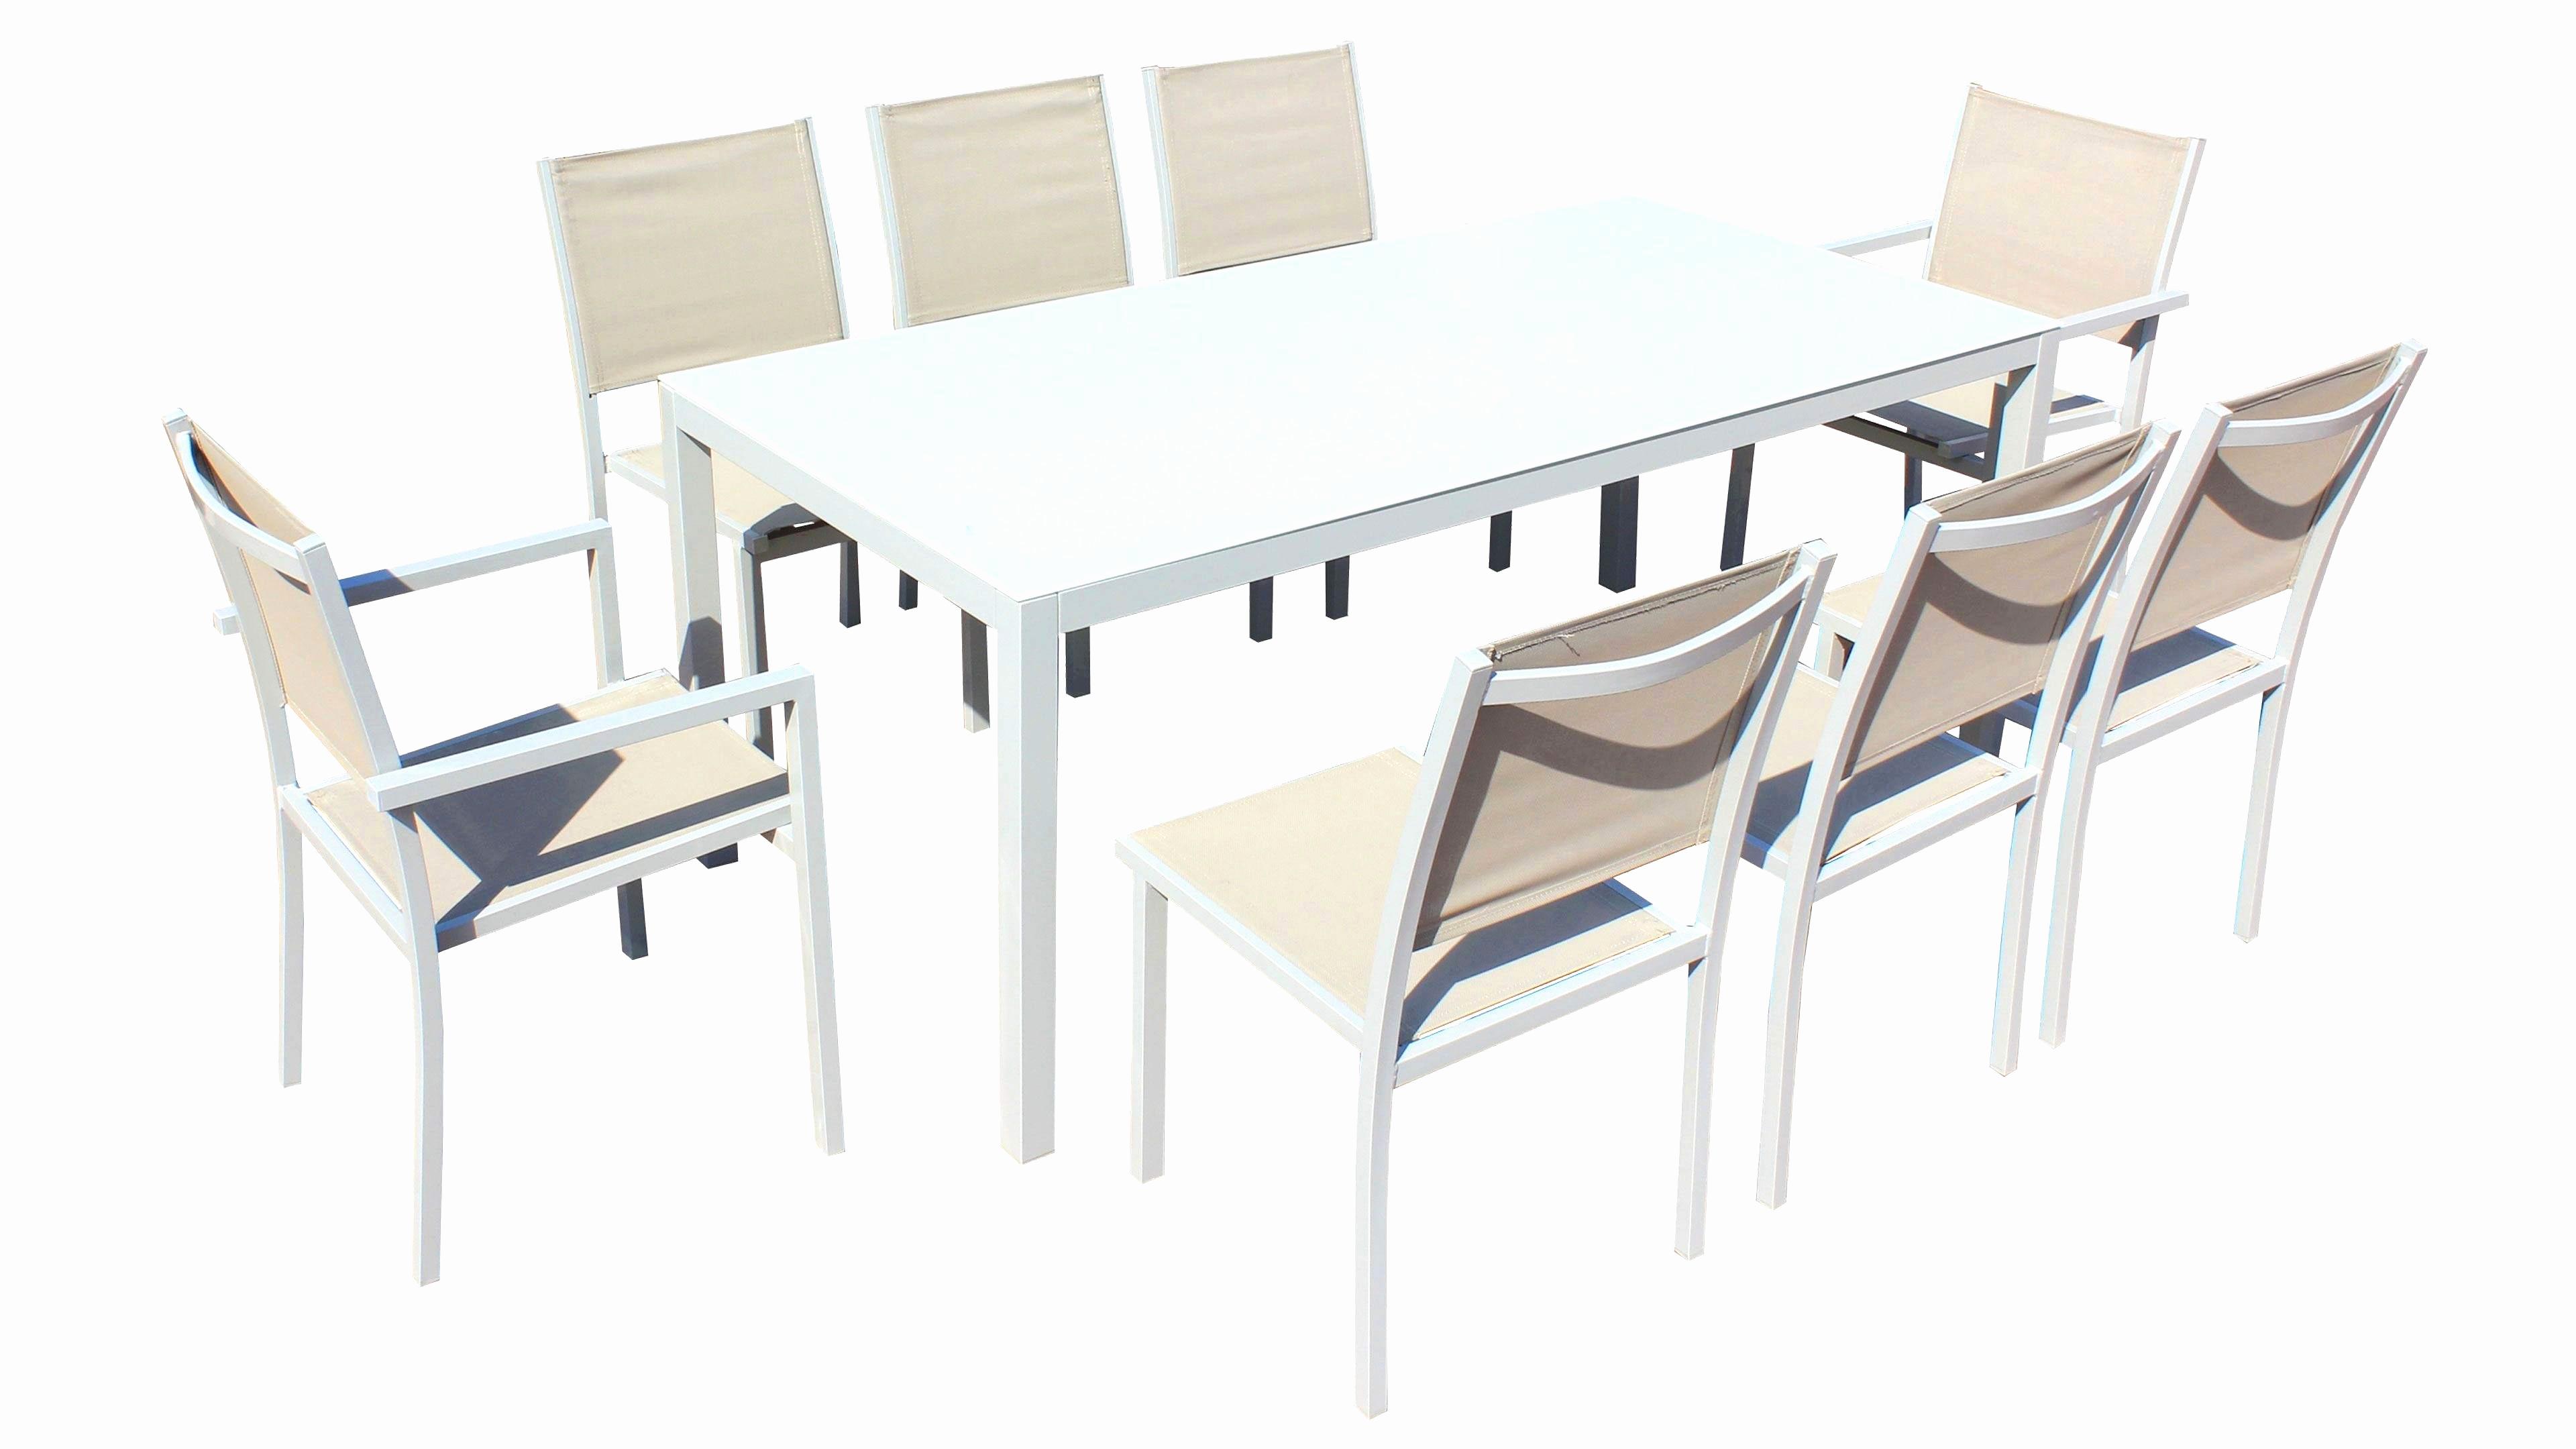 Table Cuisine Conforama Frais Galerie Chaise Pour Salon Luxe Chaise A Conforama Luxe Chaises Conforama